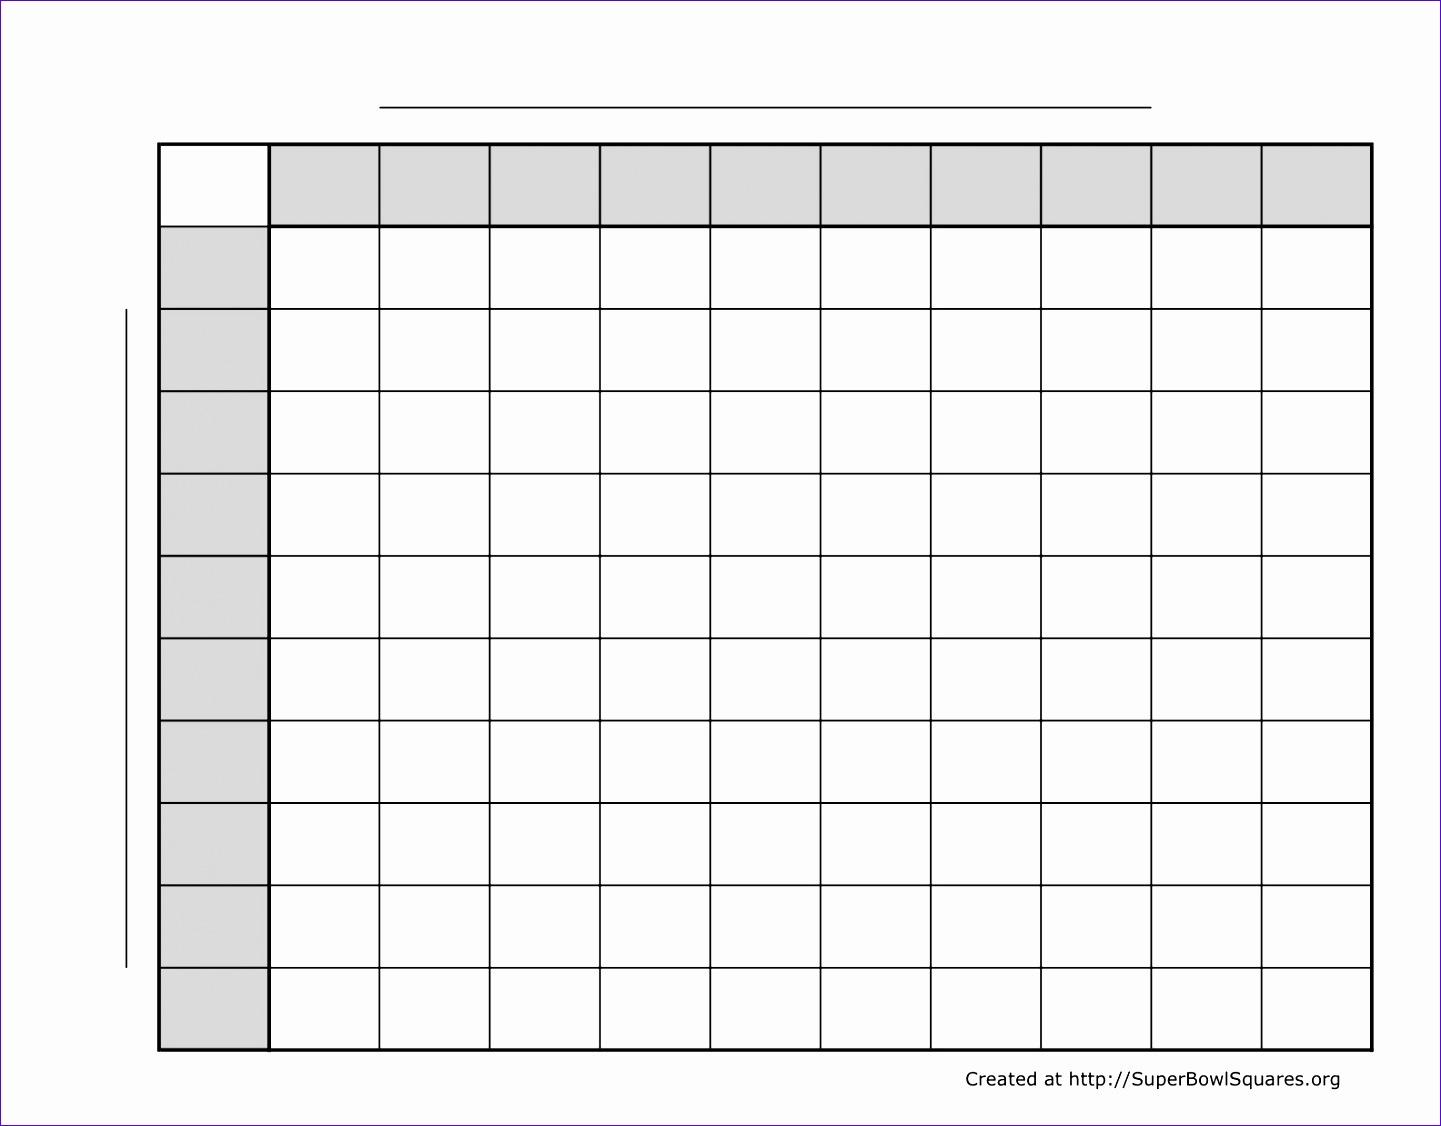 5 super bowl squares excel template exceltemplates exceltemplates. Black Bedroom Furniture Sets. Home Design Ideas